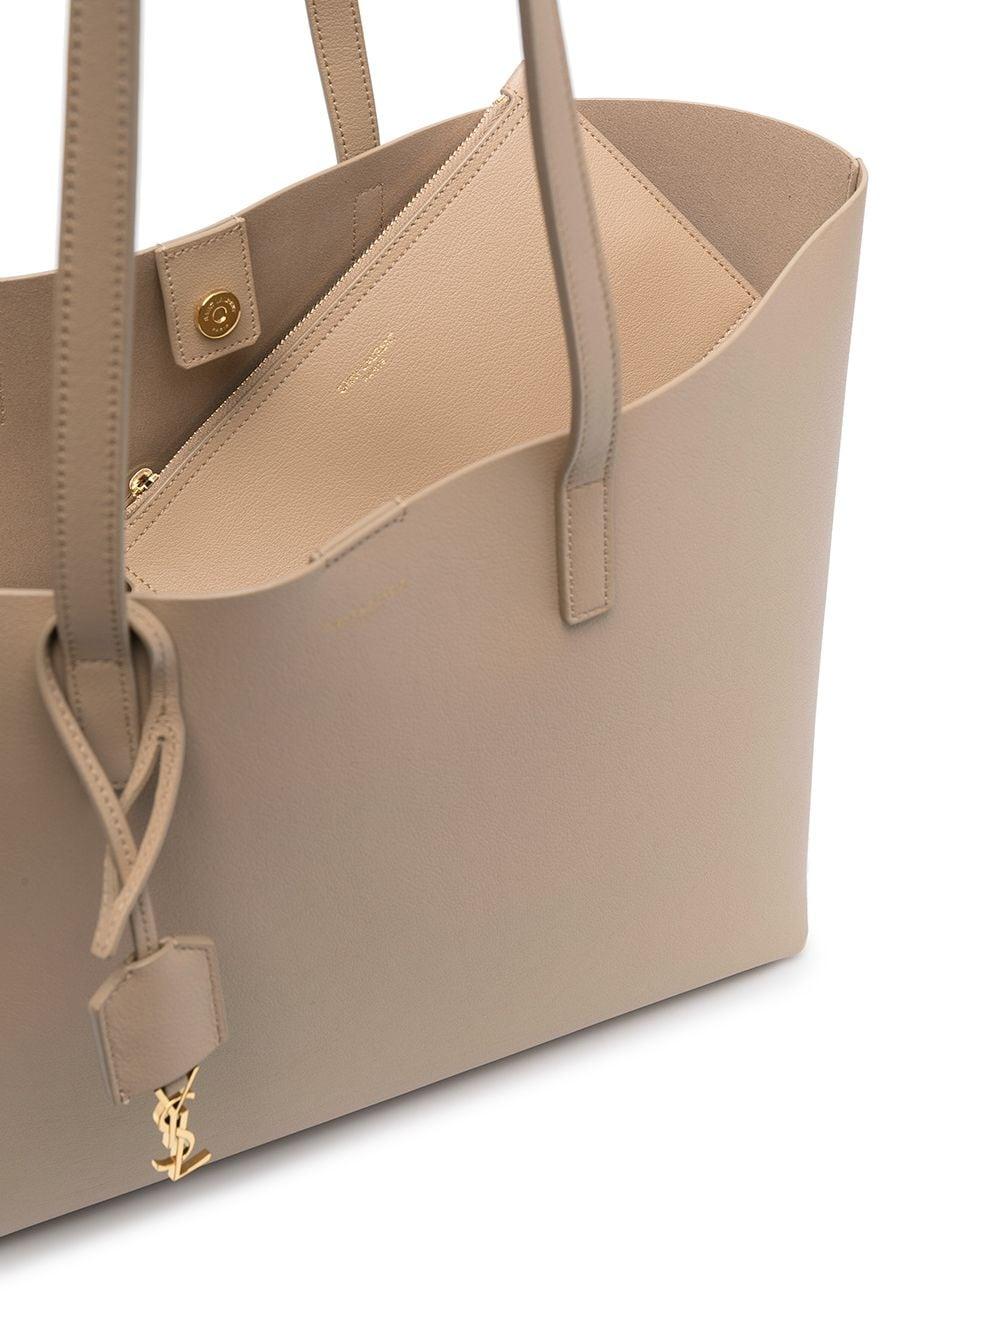 Picture of Saint Laurent   Large Shopper Tote Bag